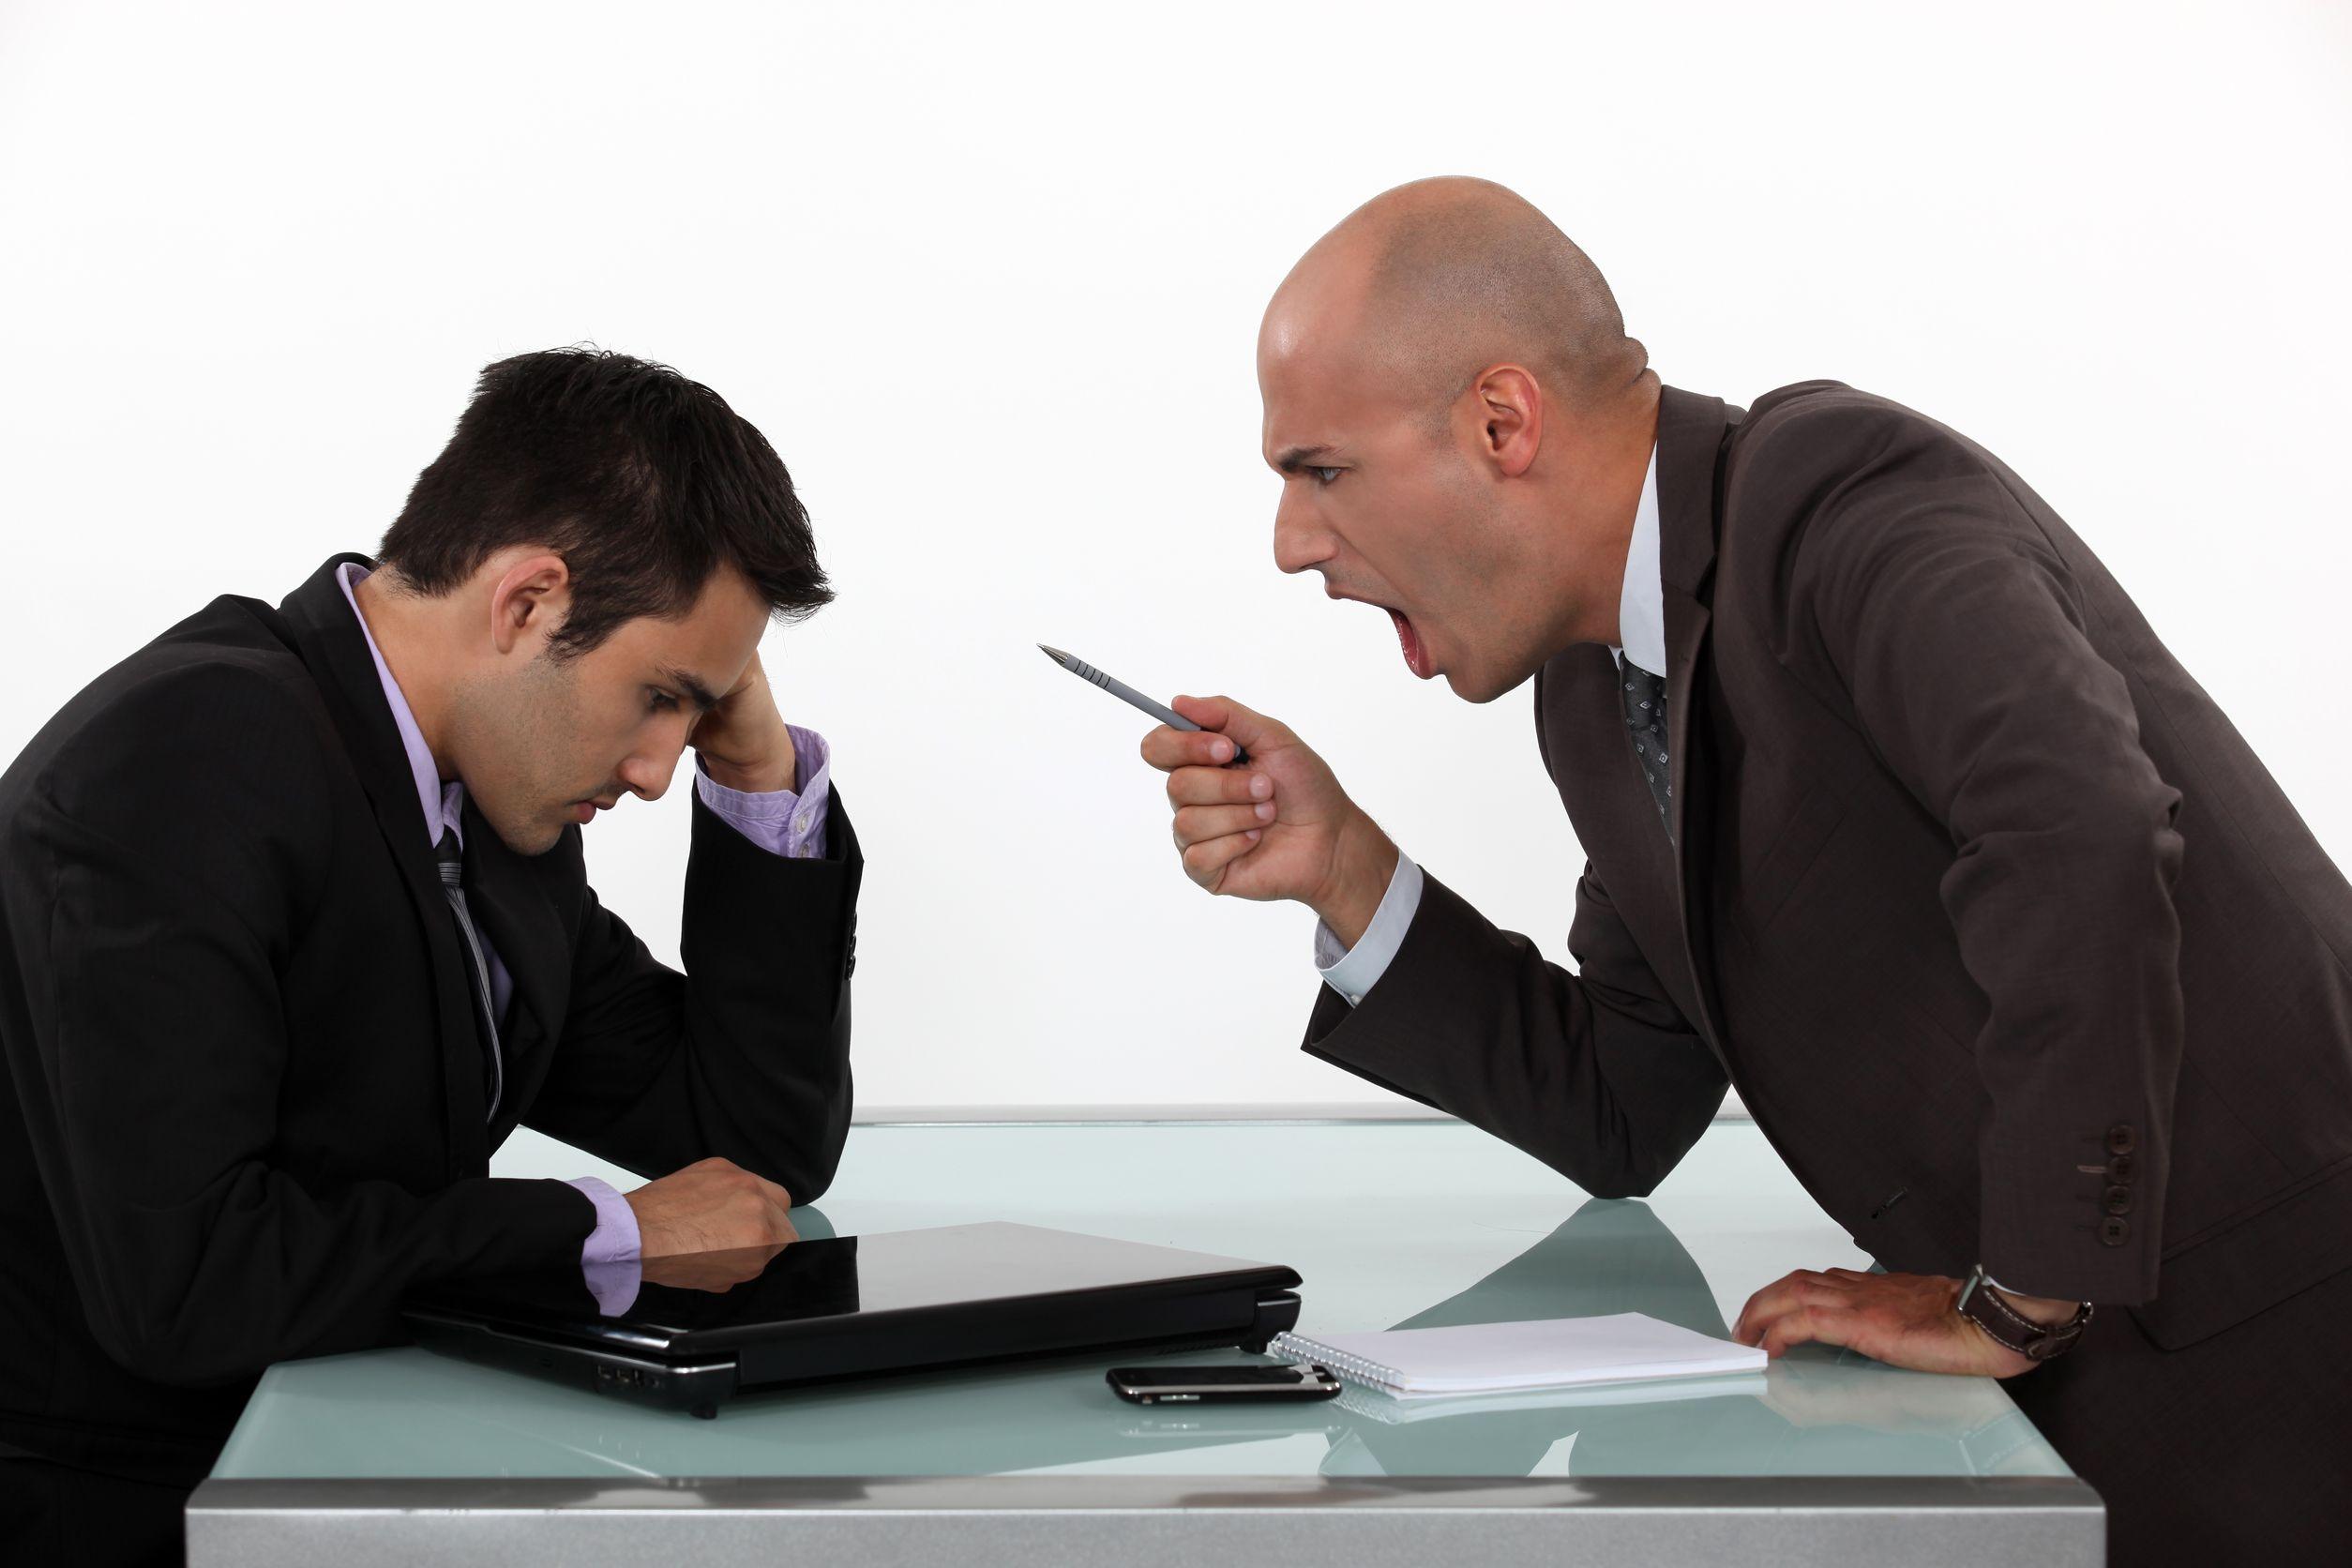 در انتقاد از هزارتوی انتظارات کارفرمایان نسبت به کارمندان